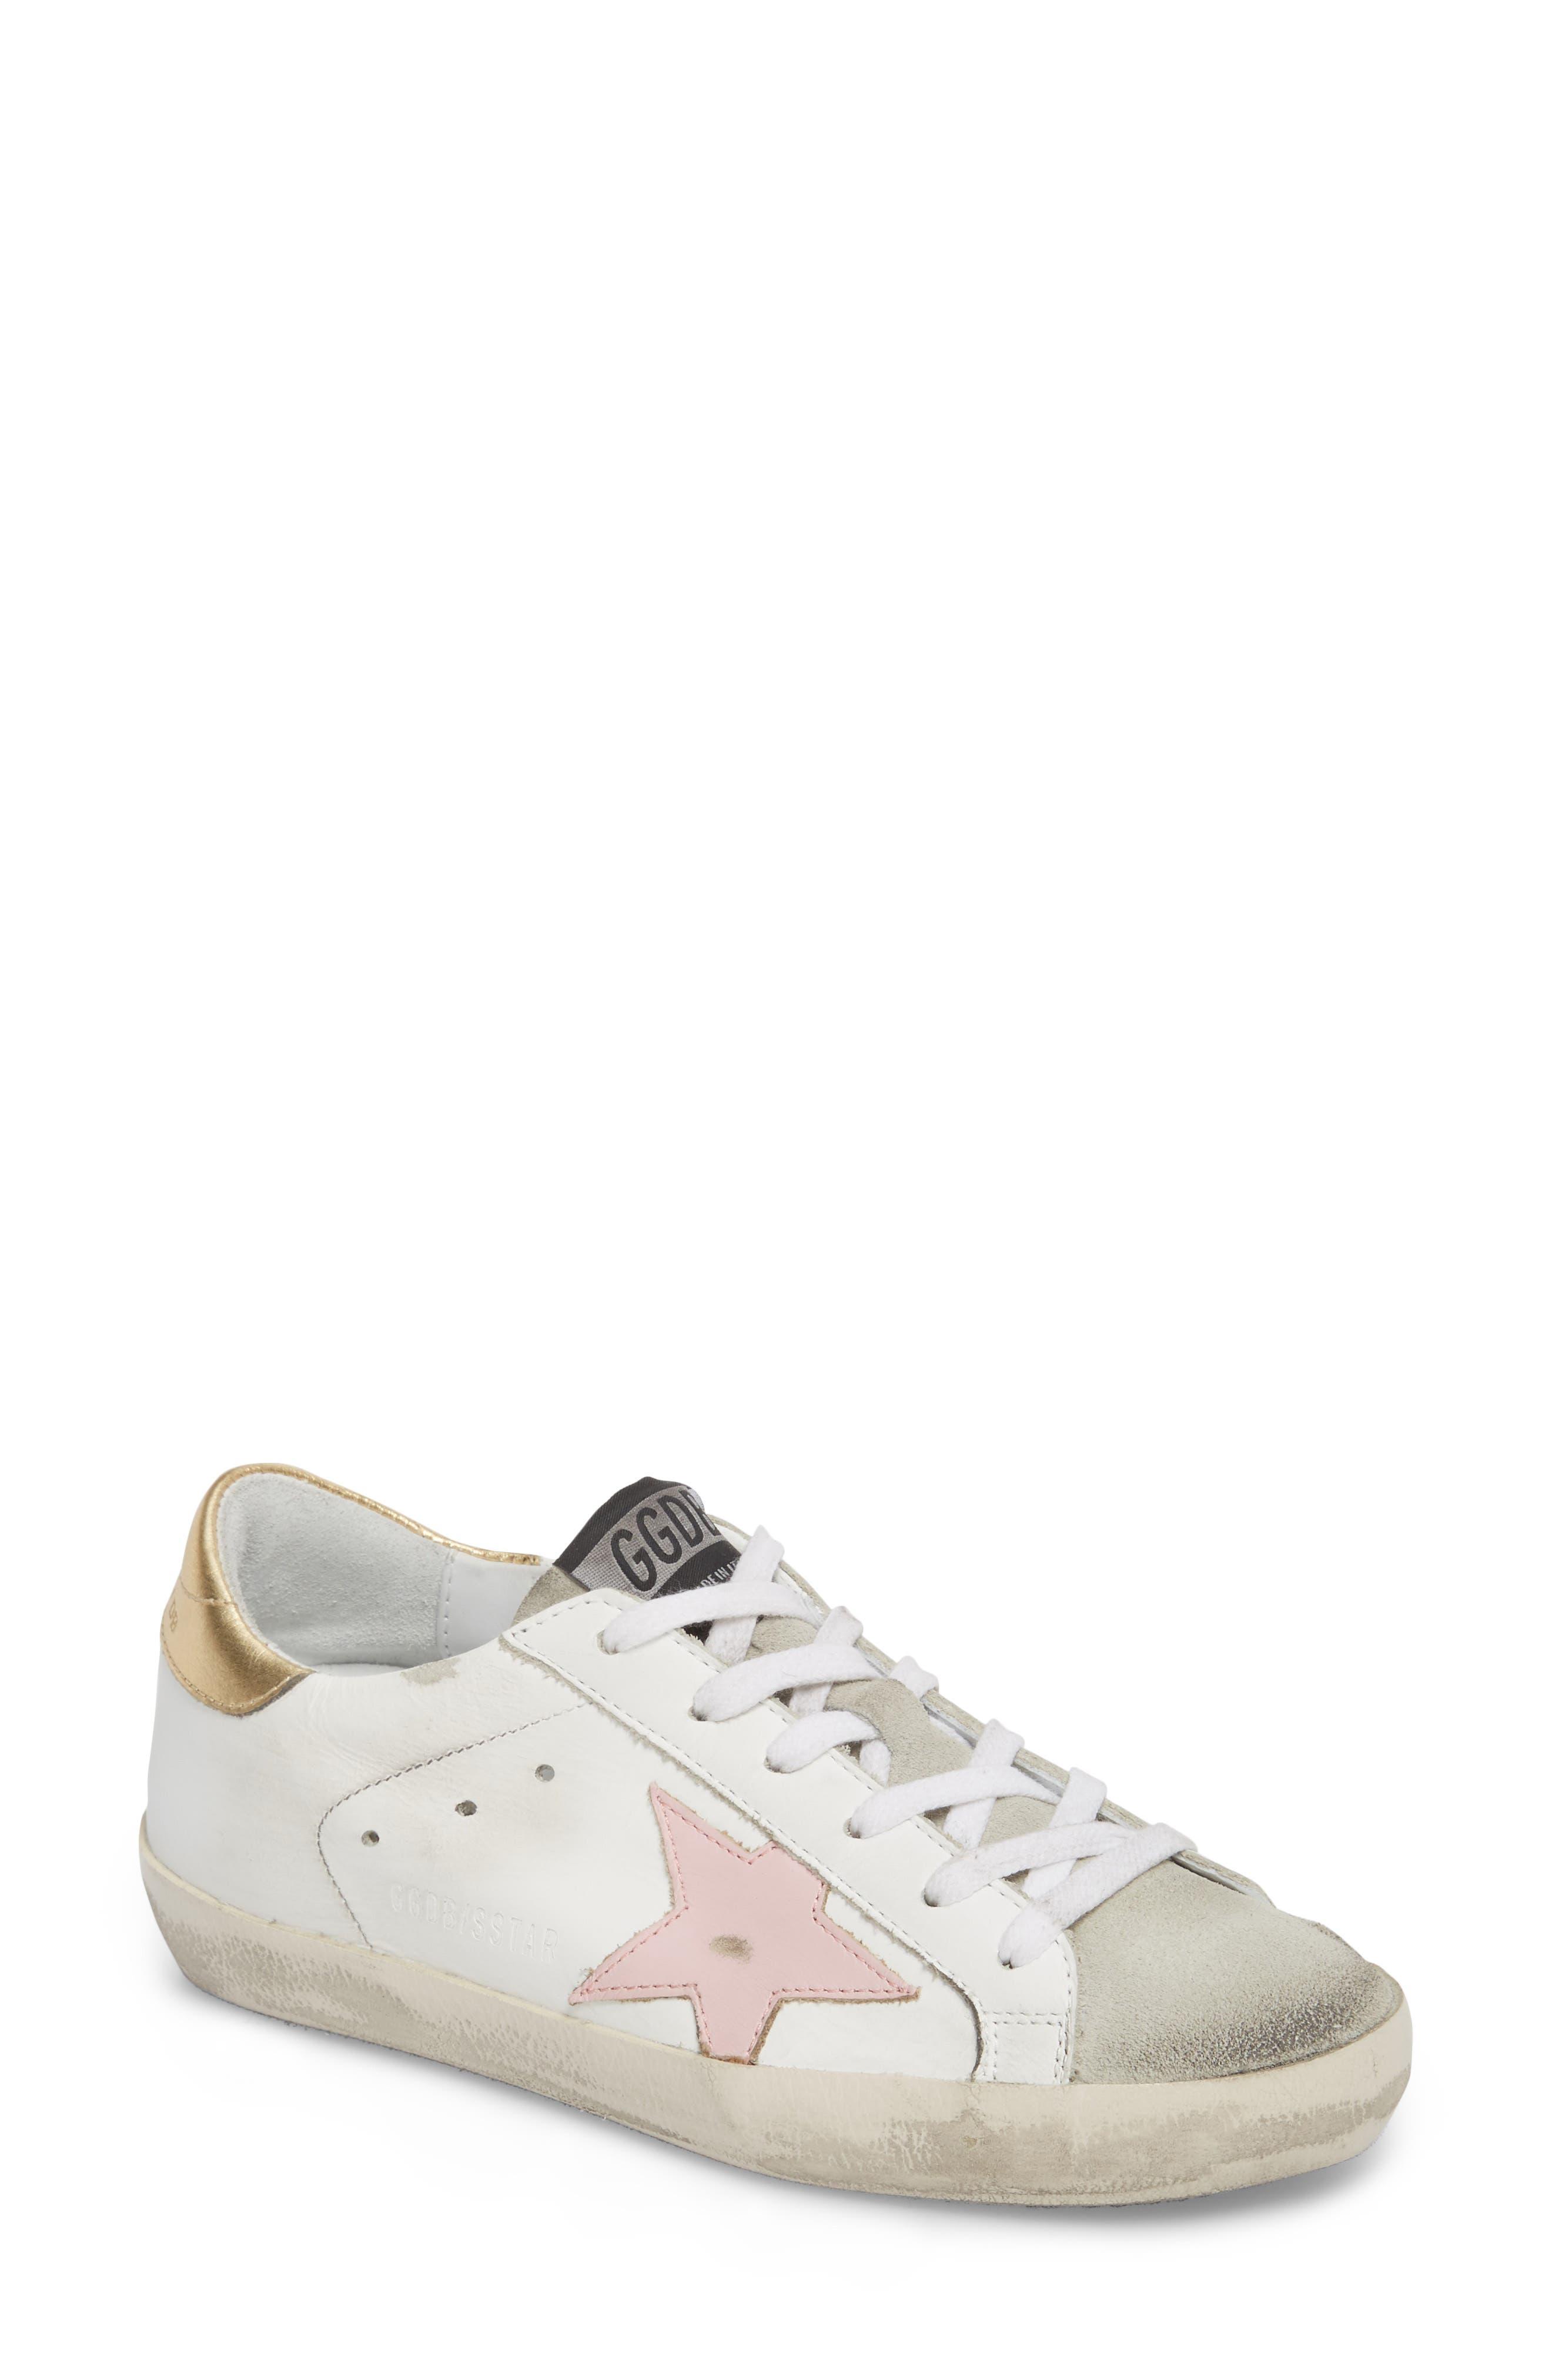 Superstar Low Top Sneaker,                         Main,                         color,